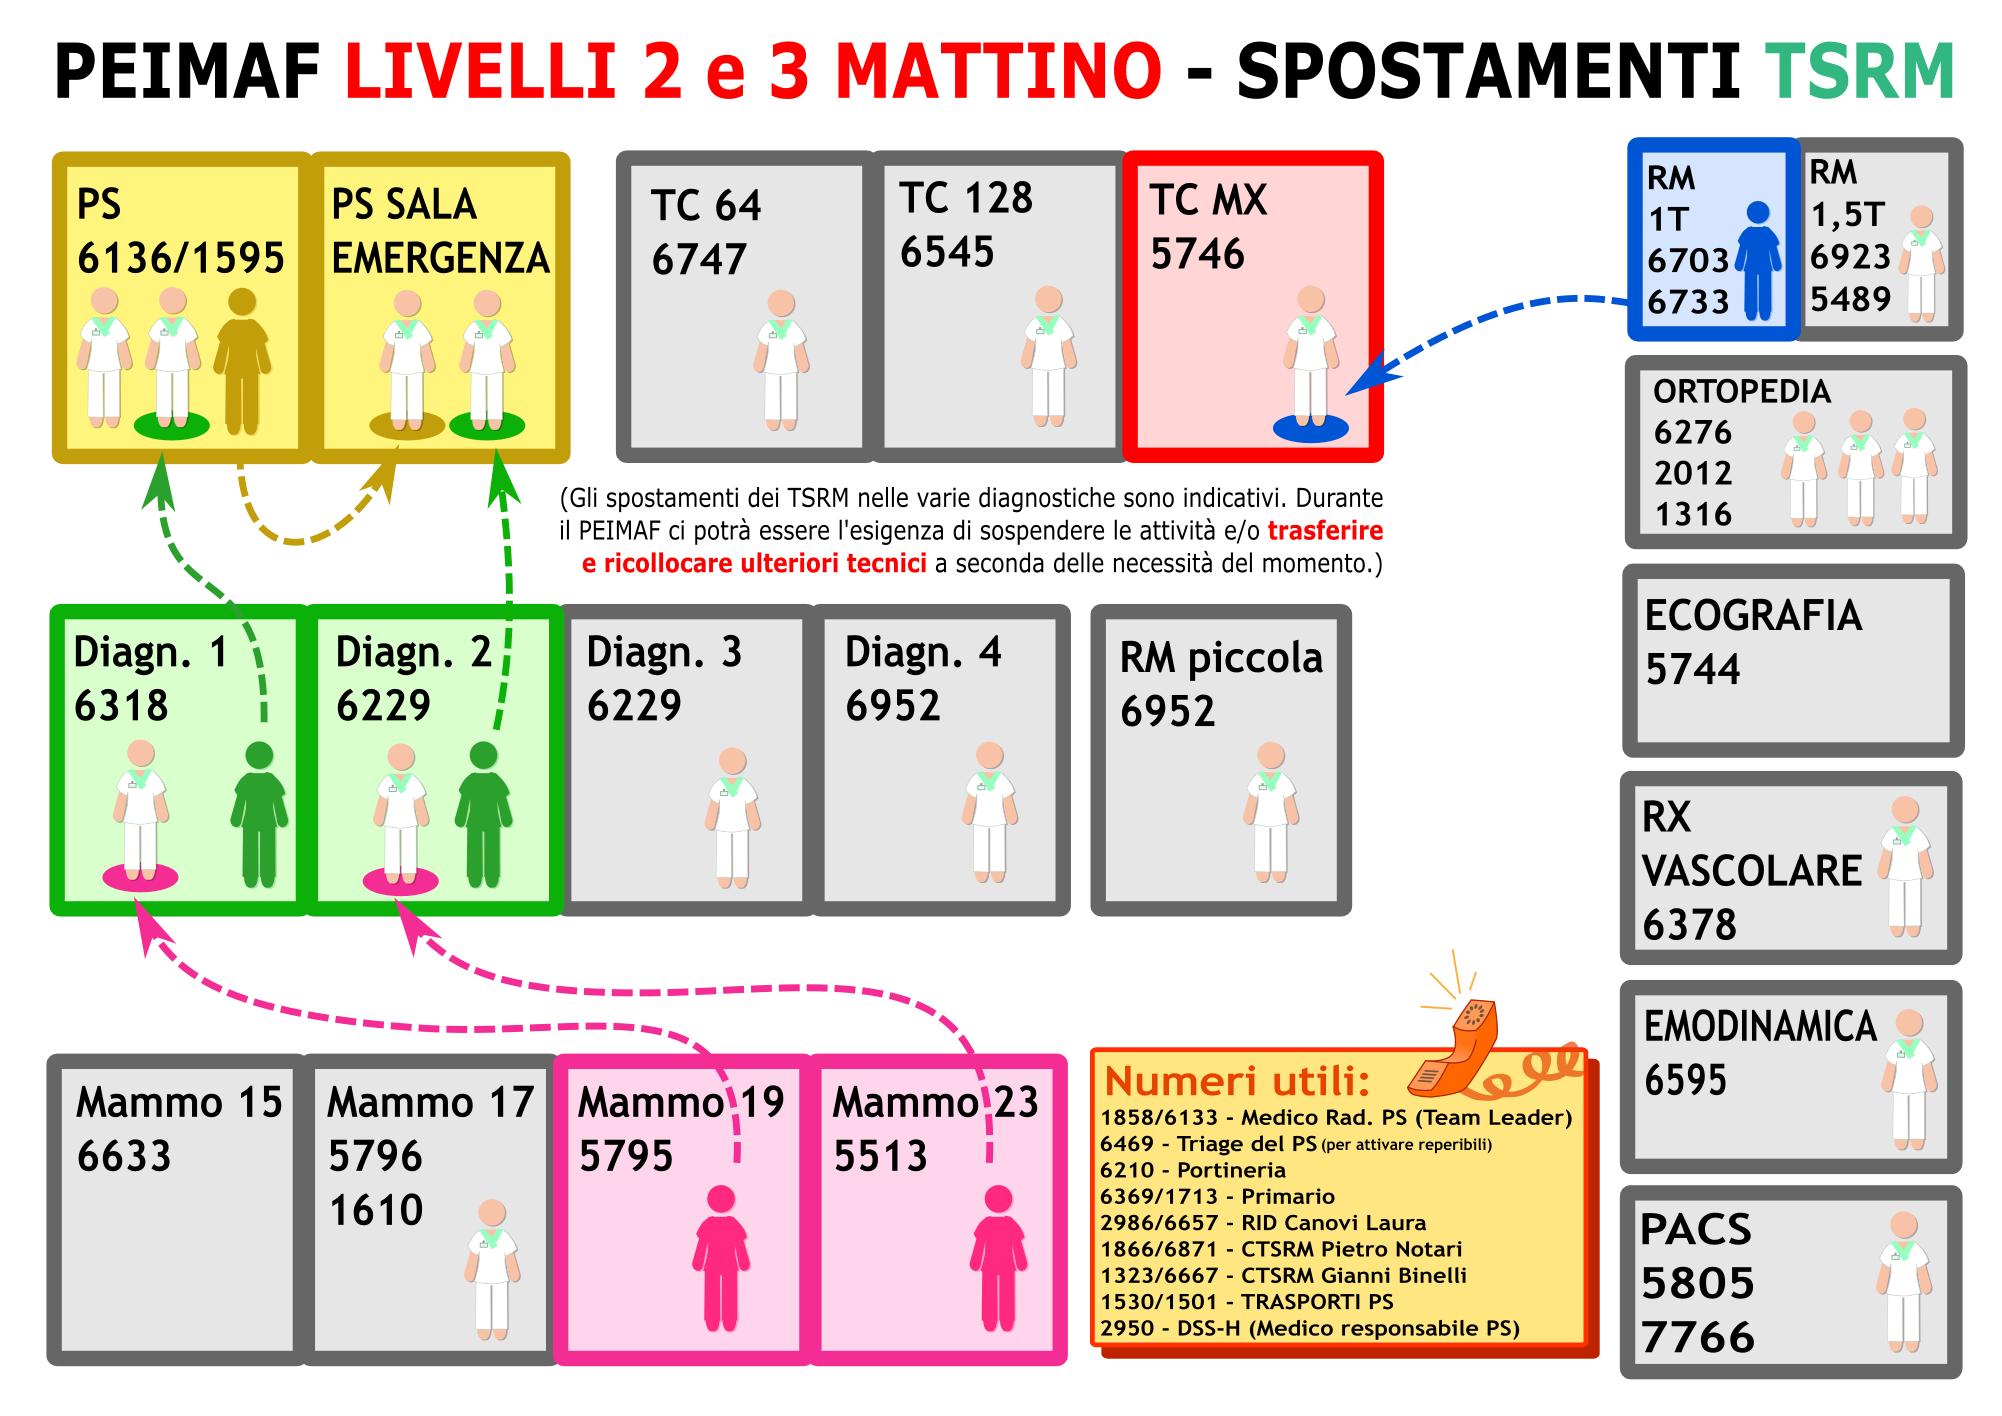 G.S. LIV 2-3 MATT TSRM